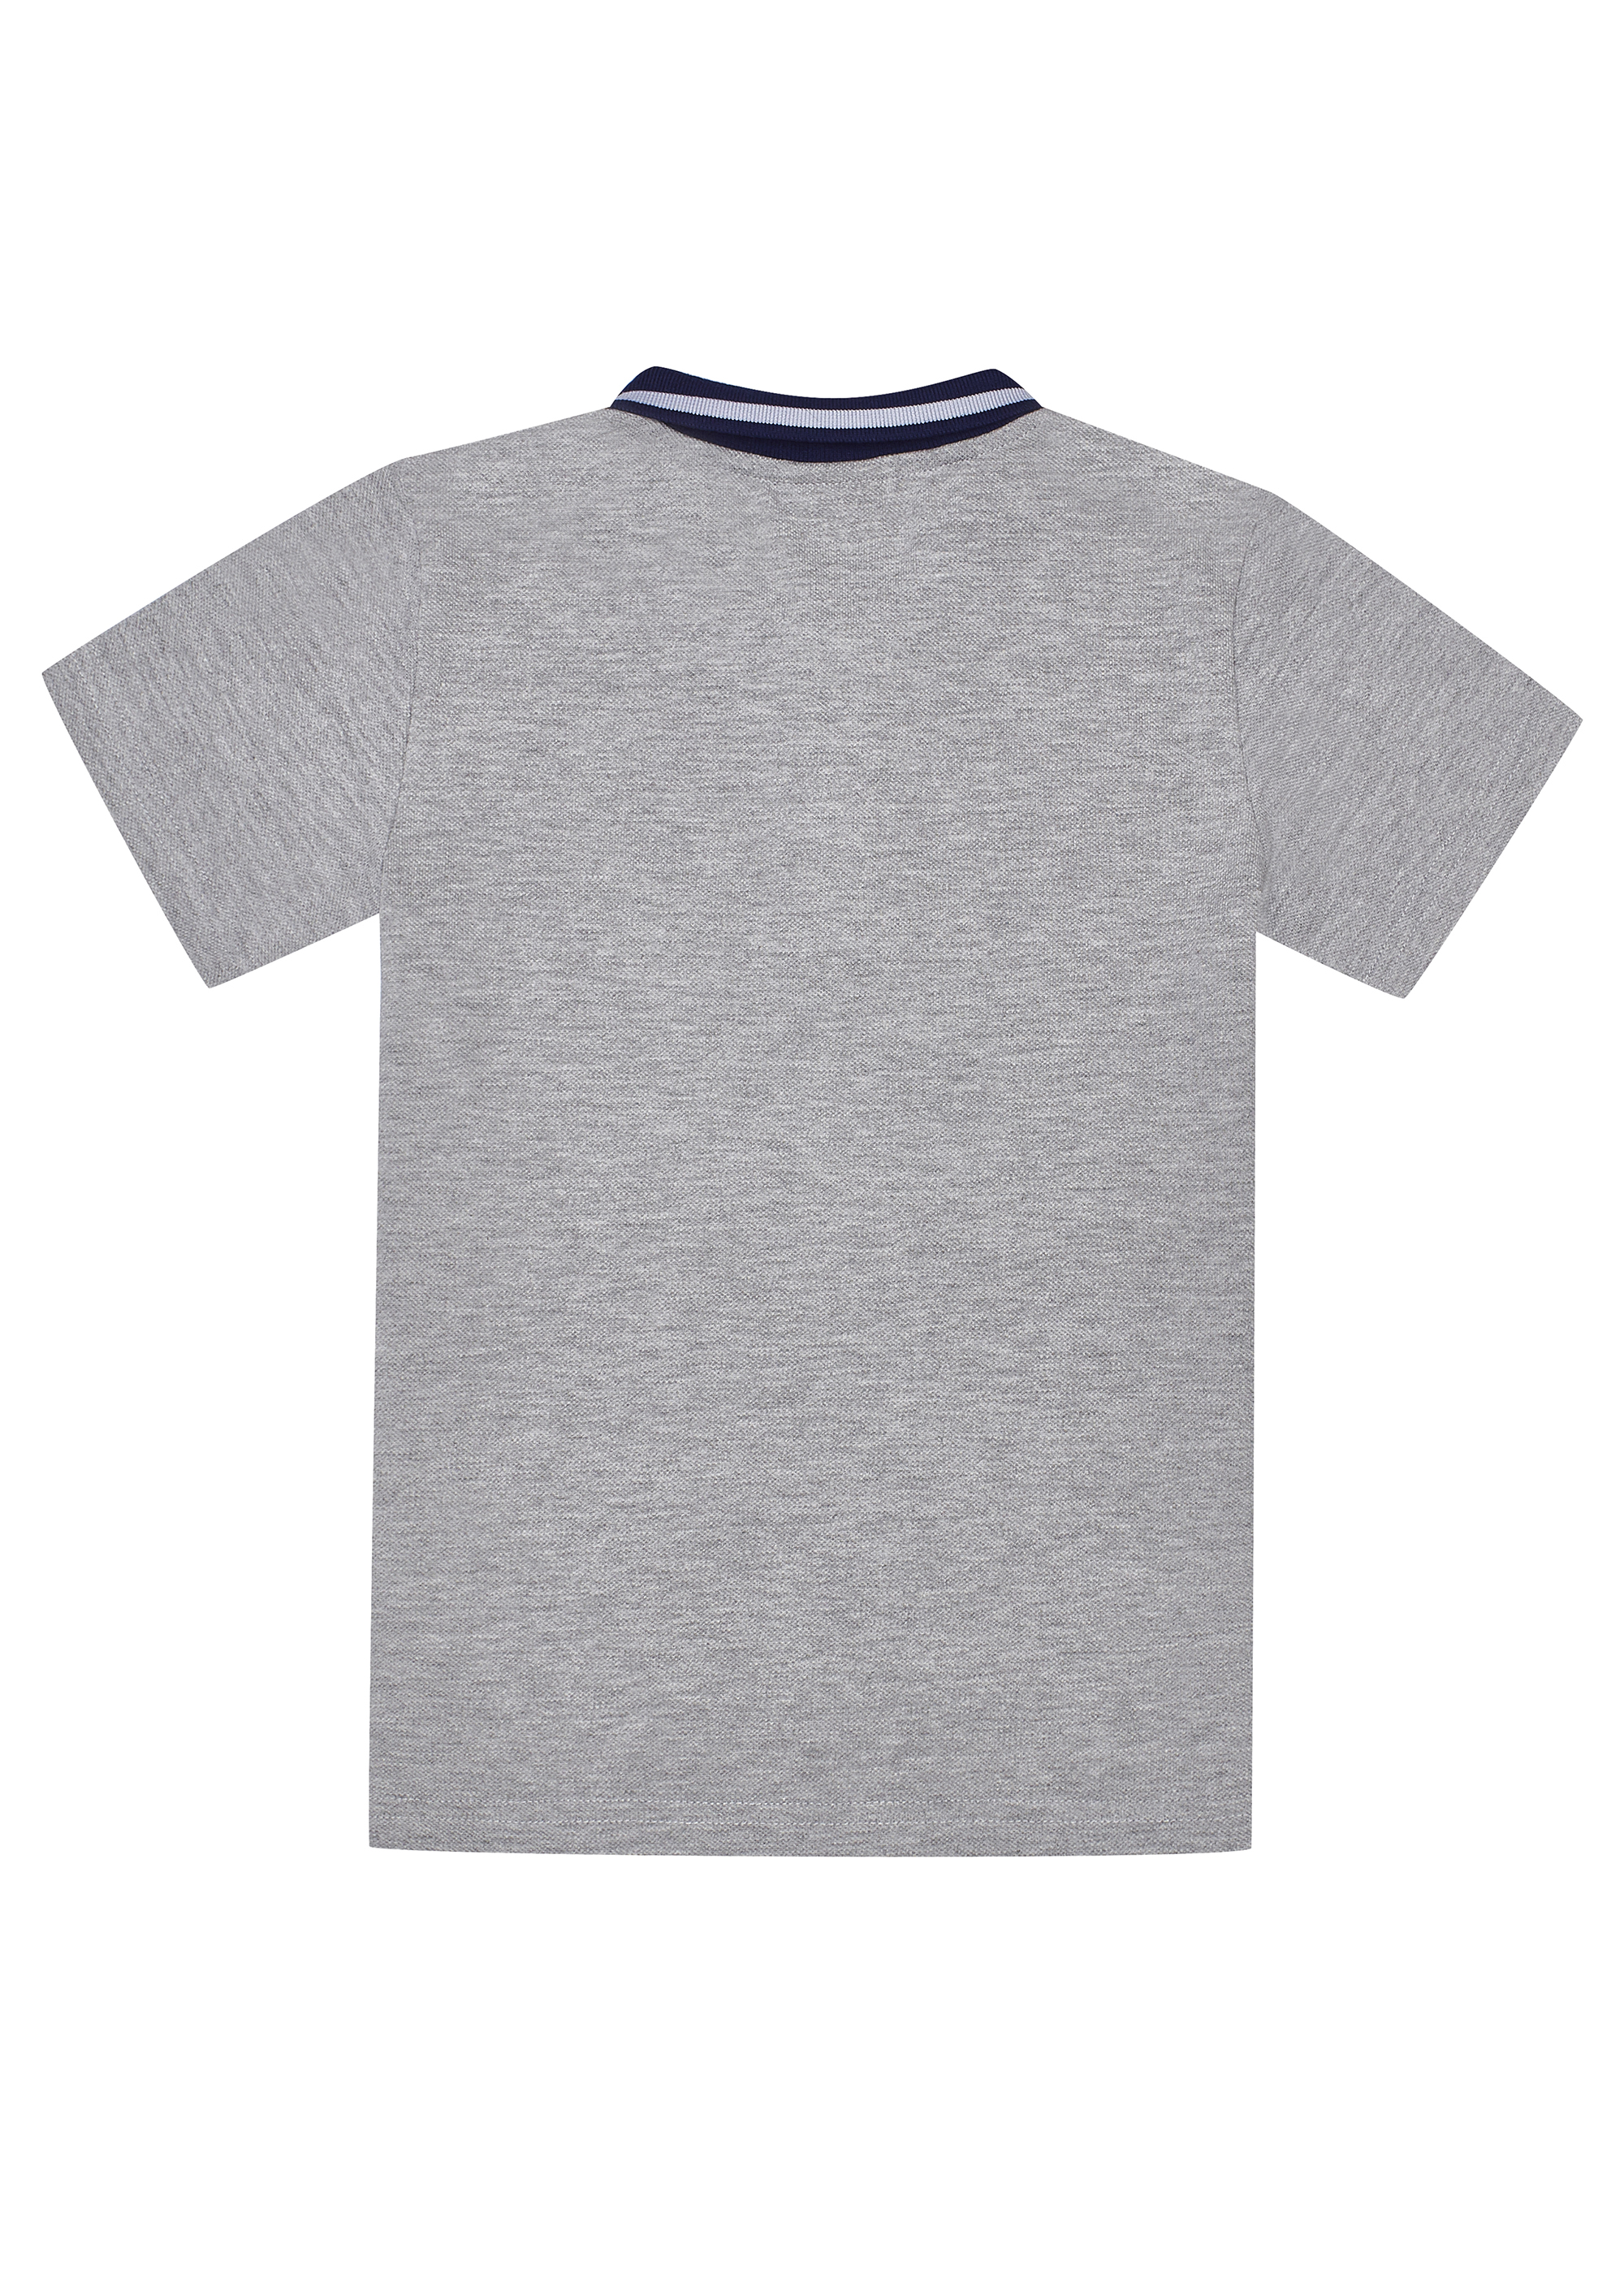 Chlapecké tričko Polo 78 - šedá Bílá, Navy, Šedý melanž